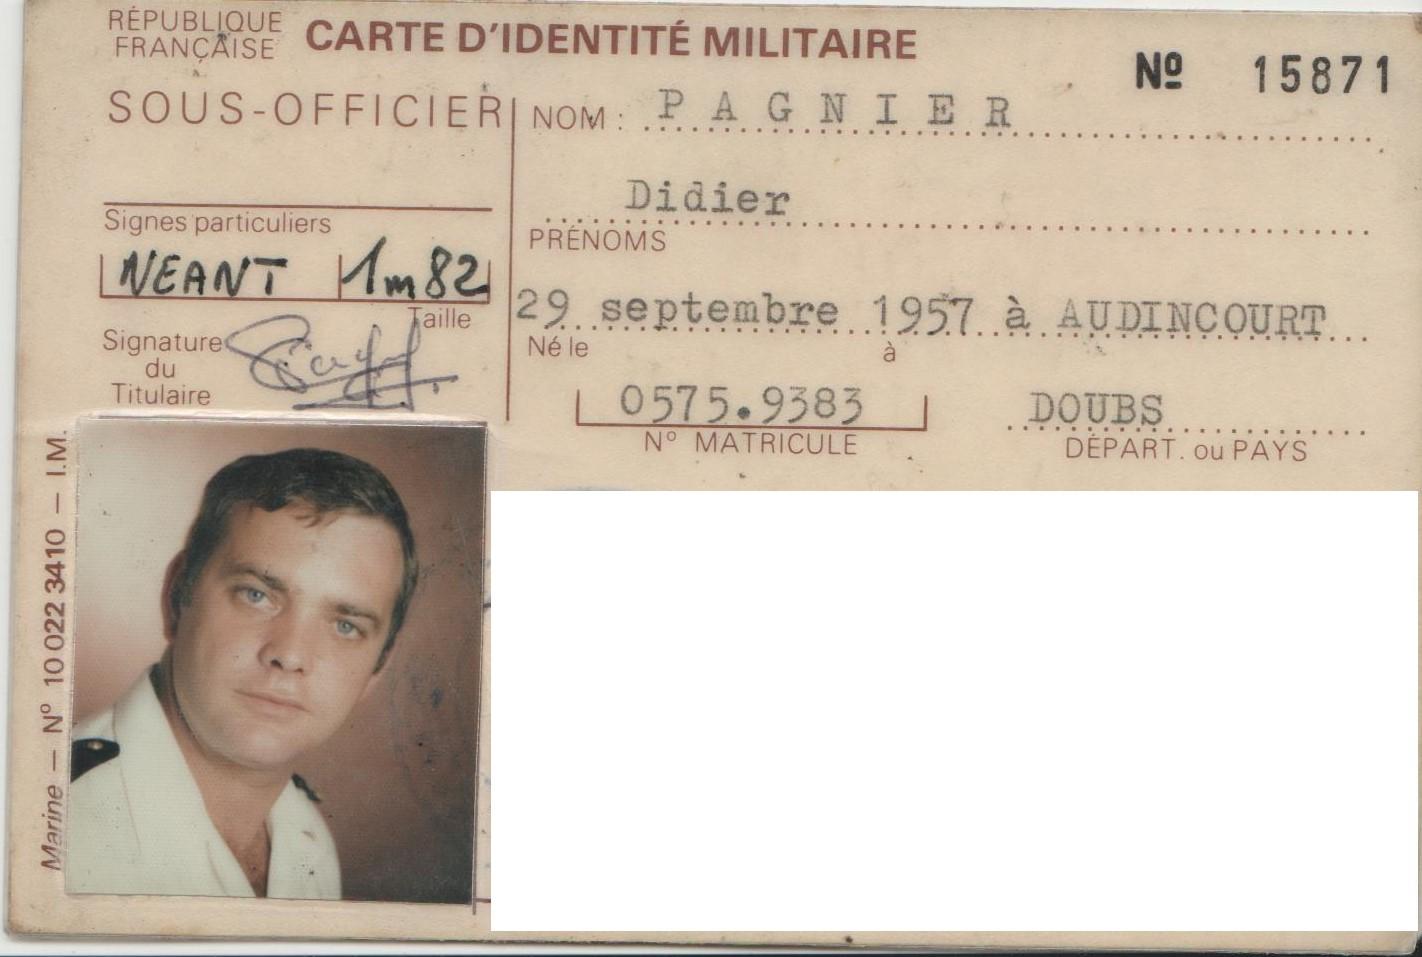 [ Blog visiteurs ] Recherche des anciens amis de mon mari Didier Pagnier 977893DidierPagnier